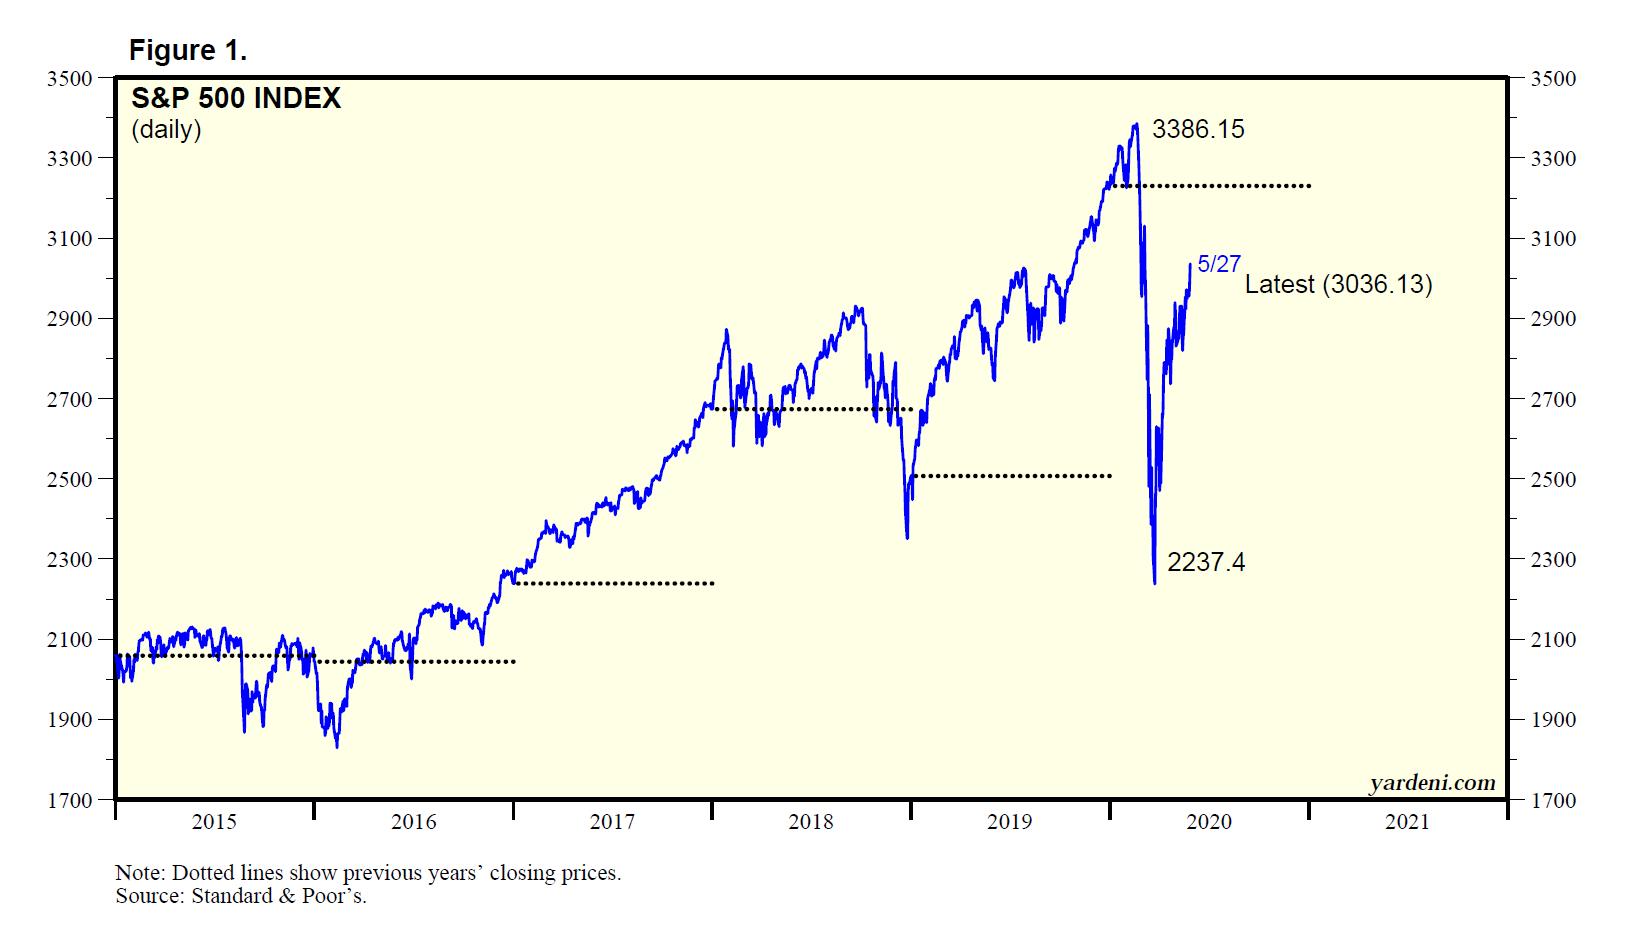 Figure 1: S&P 500 Index